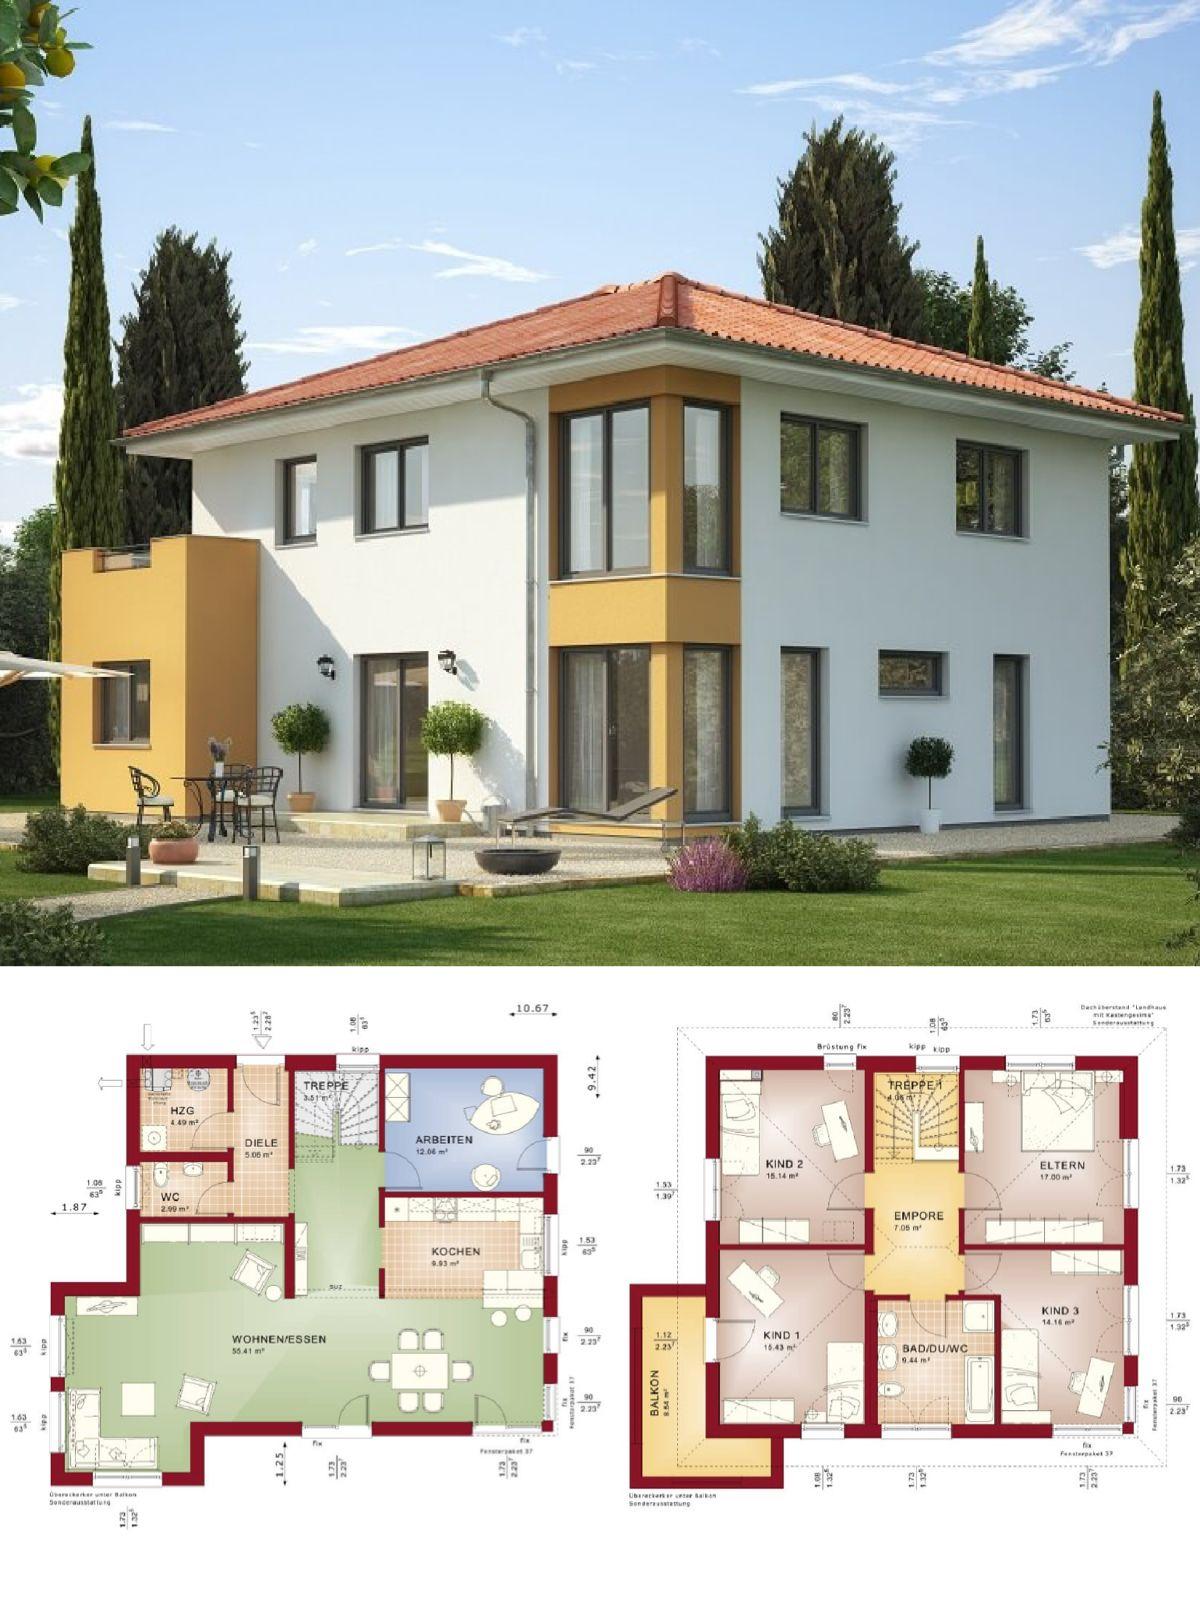 Stadtvilla Landhaus Mediterran Mit Walmdach Architektur U0026 Erker Anbau   Haus  Bauen Grundriss Einfamilienhaus Evolution 165